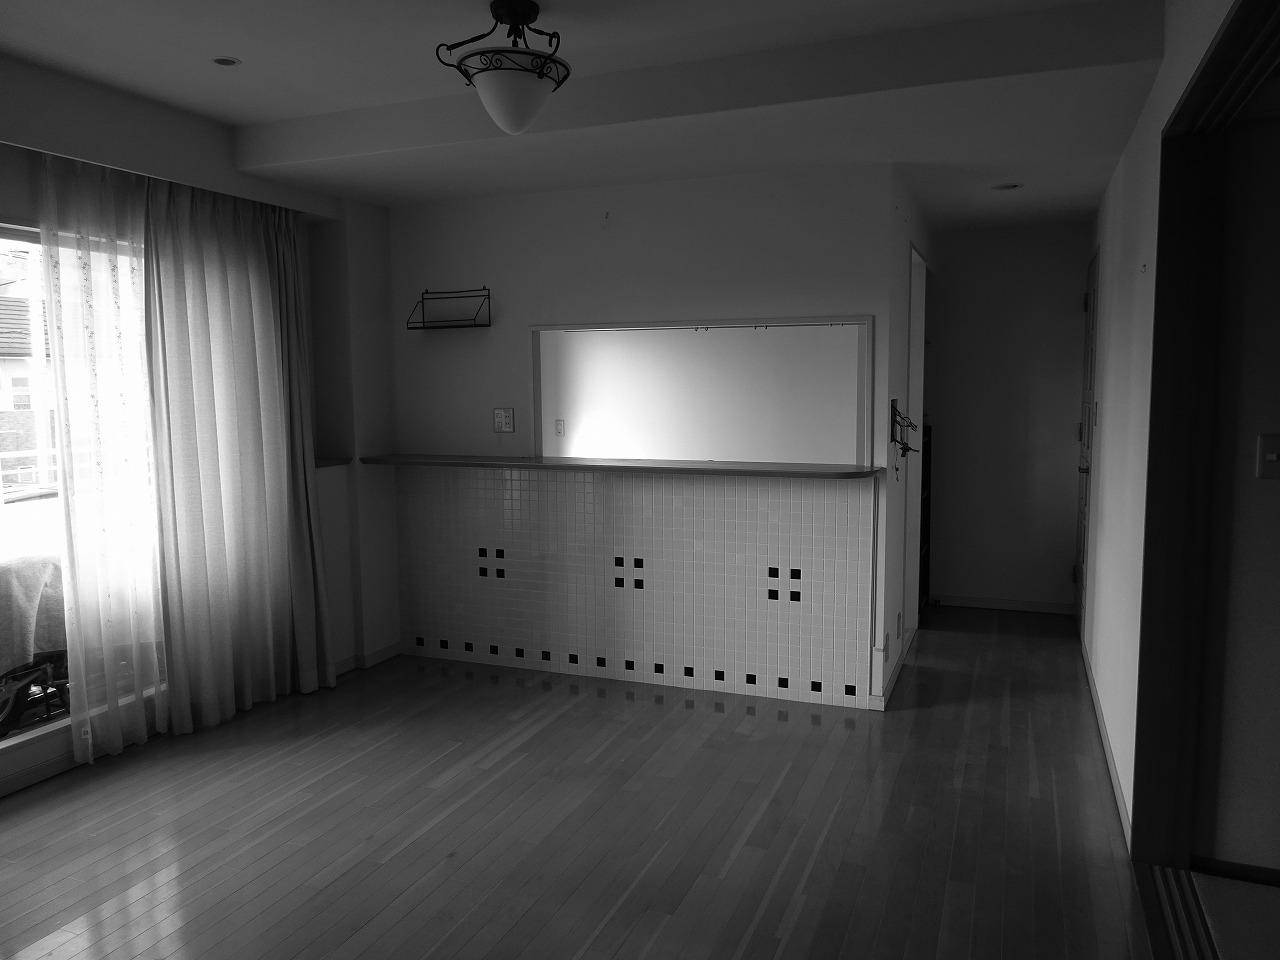 LDの一角に壁で囲んだカウンターキッチンがあるつくりでした。